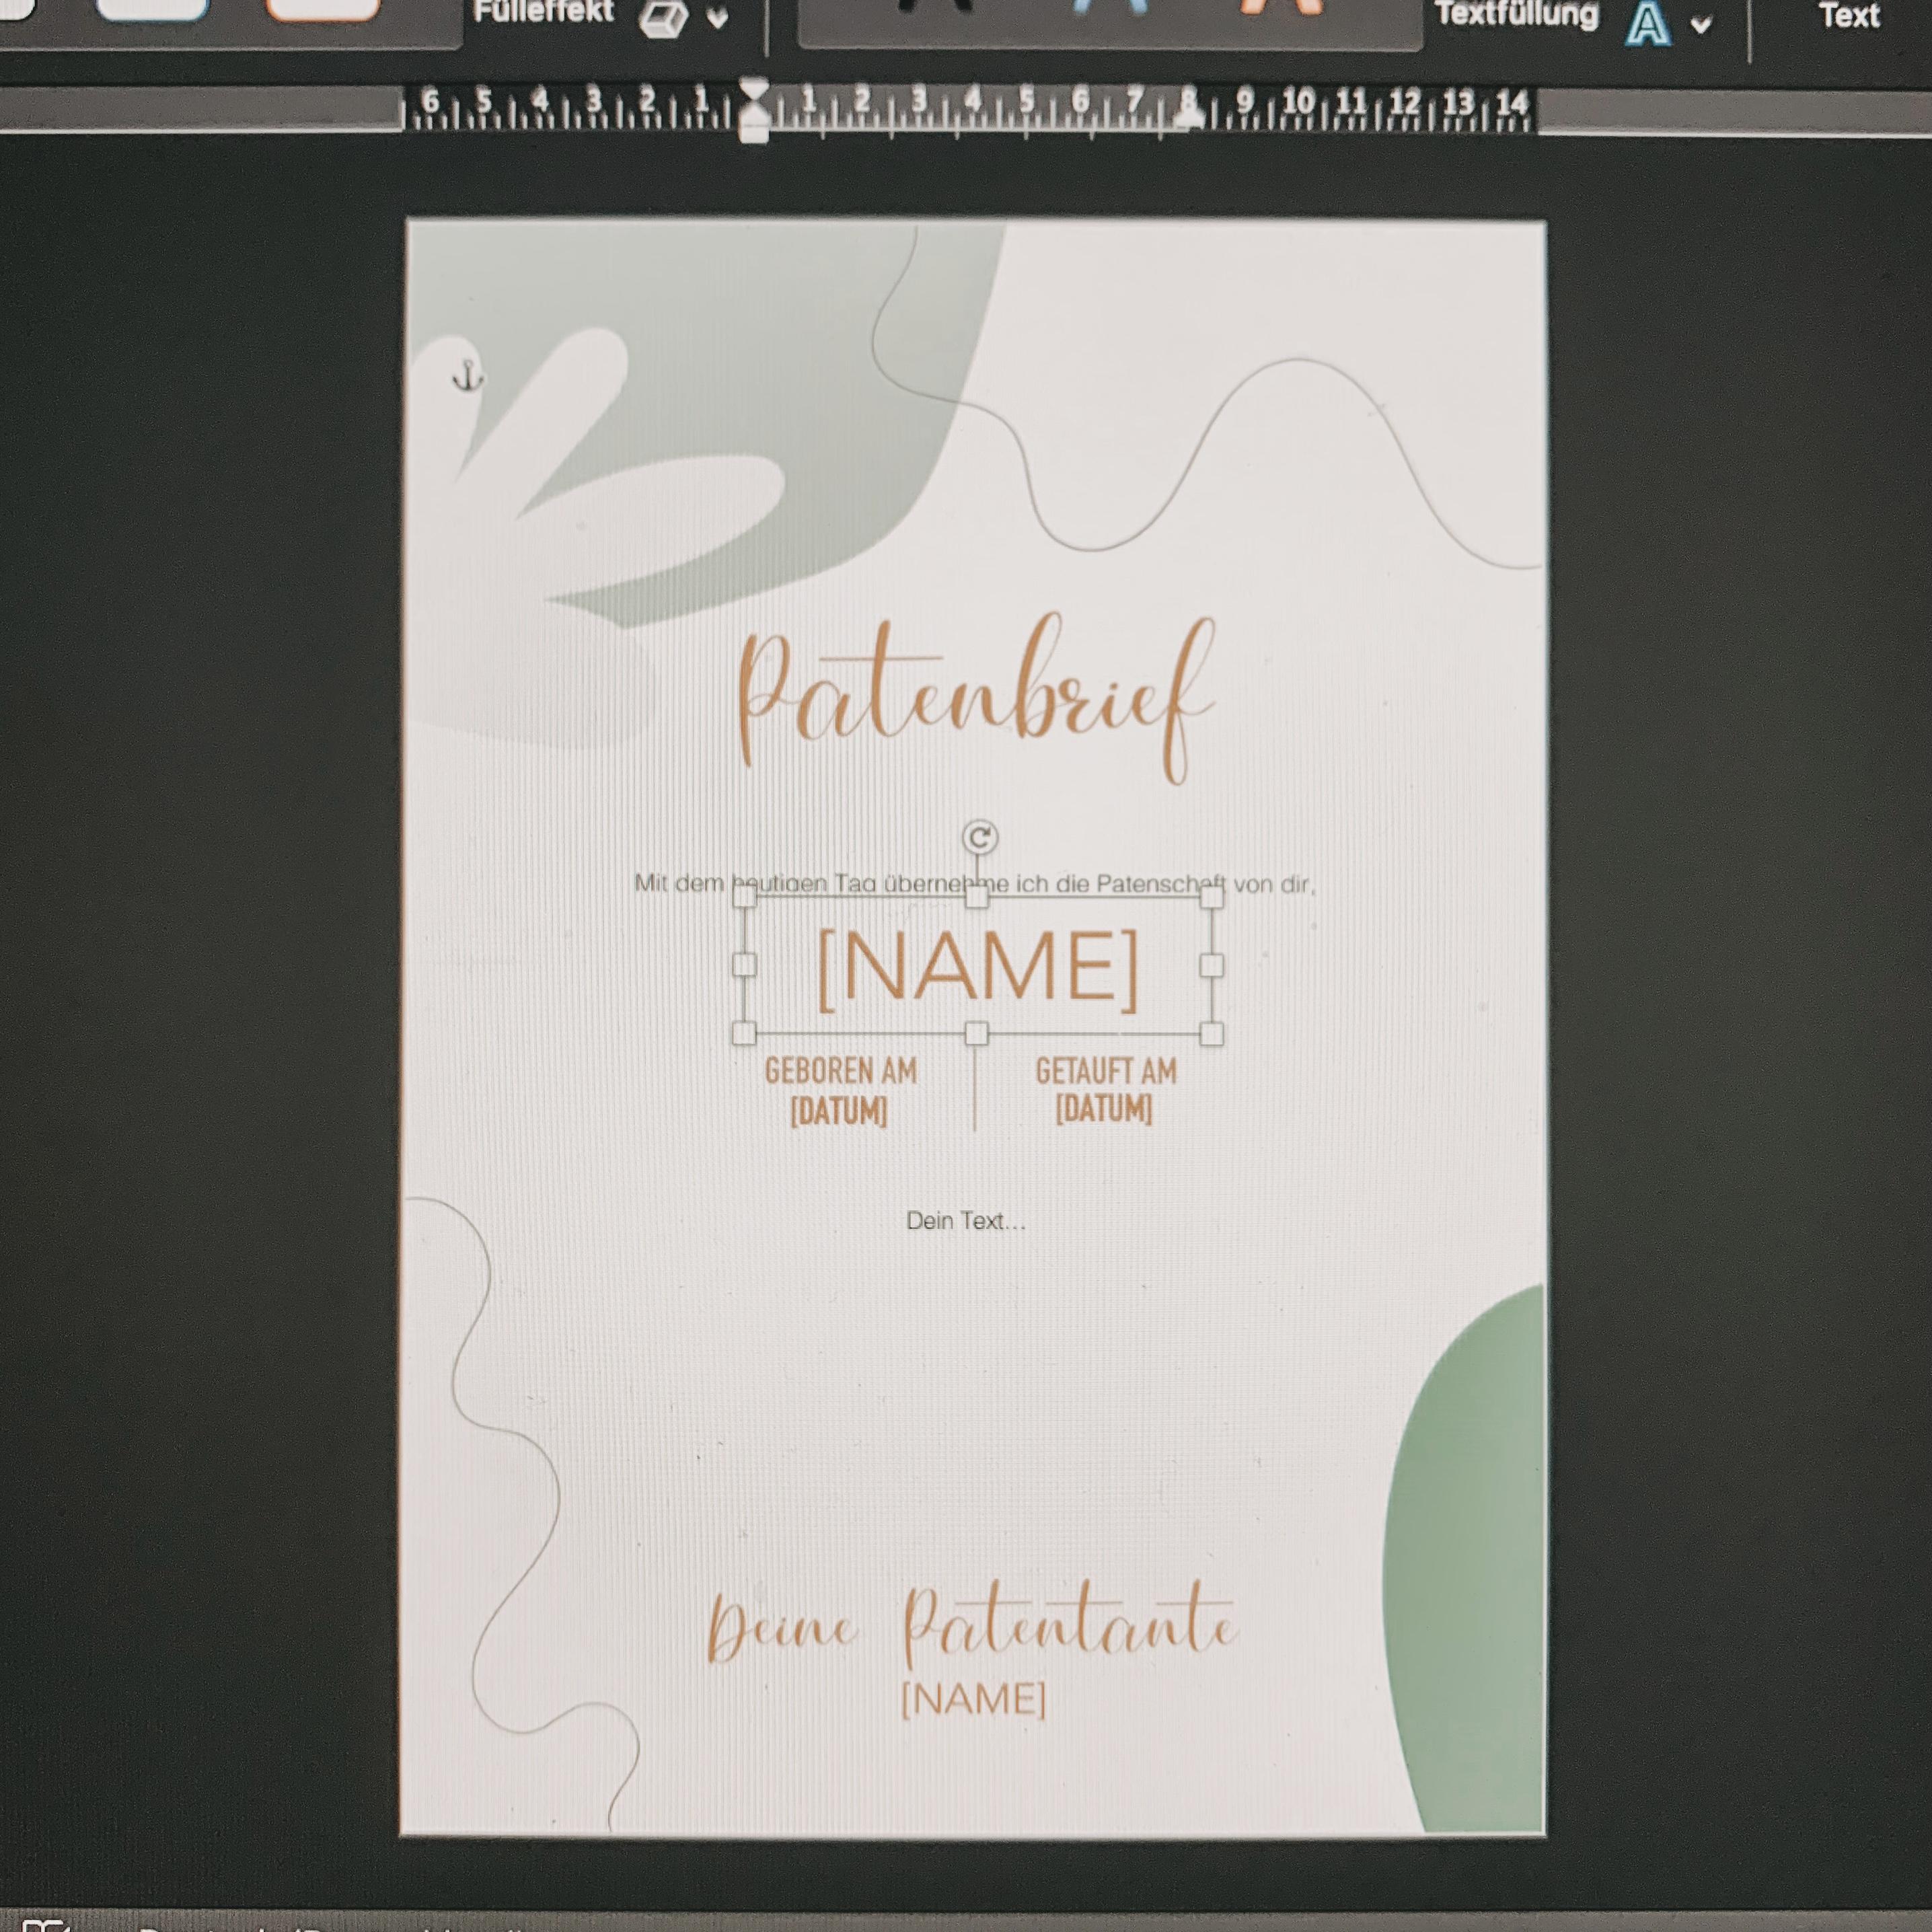 Patenbrief_Free Printable: Geschenk zur. Taufe Patentante